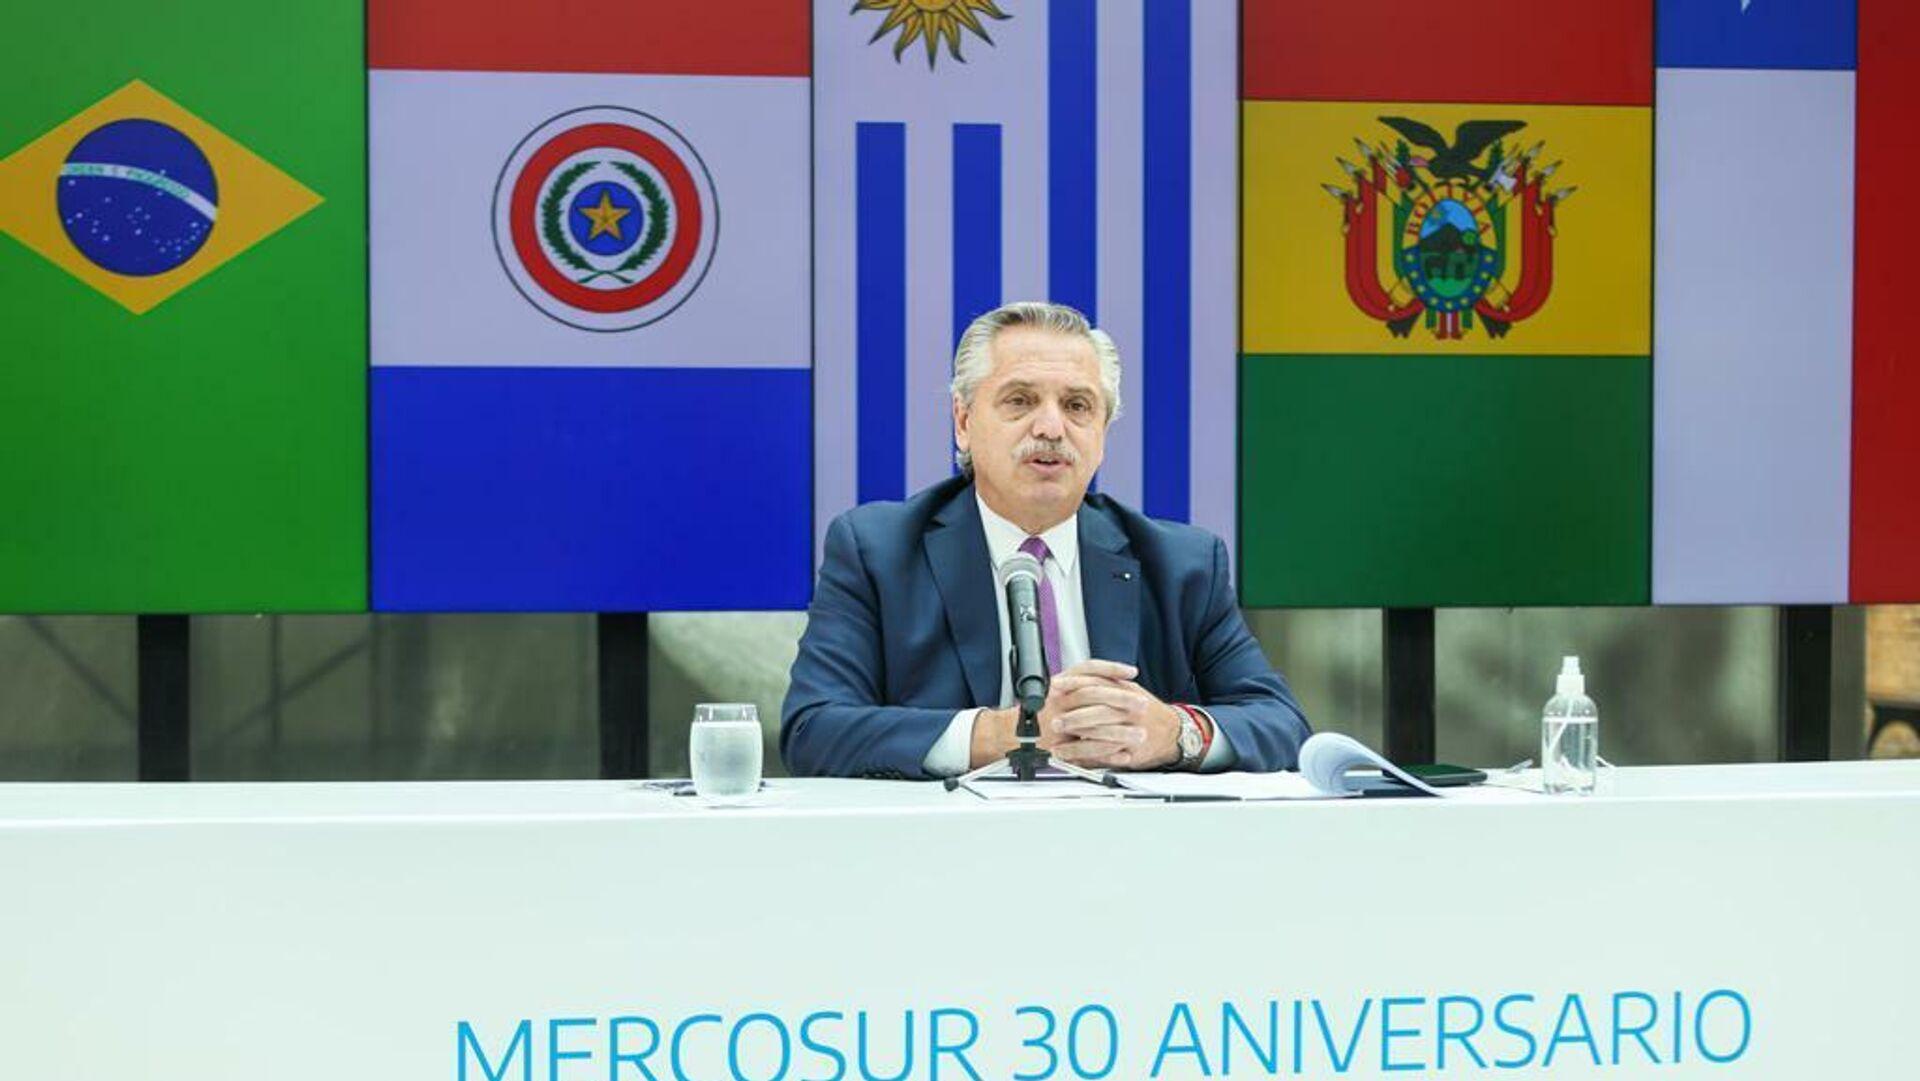 Alberto Fernández, el presidente argentino, durante una reunión virtual para conmemorar el 30 aniversario del Mercosur - Sputnik Mundo, 1920, 08.07.2021